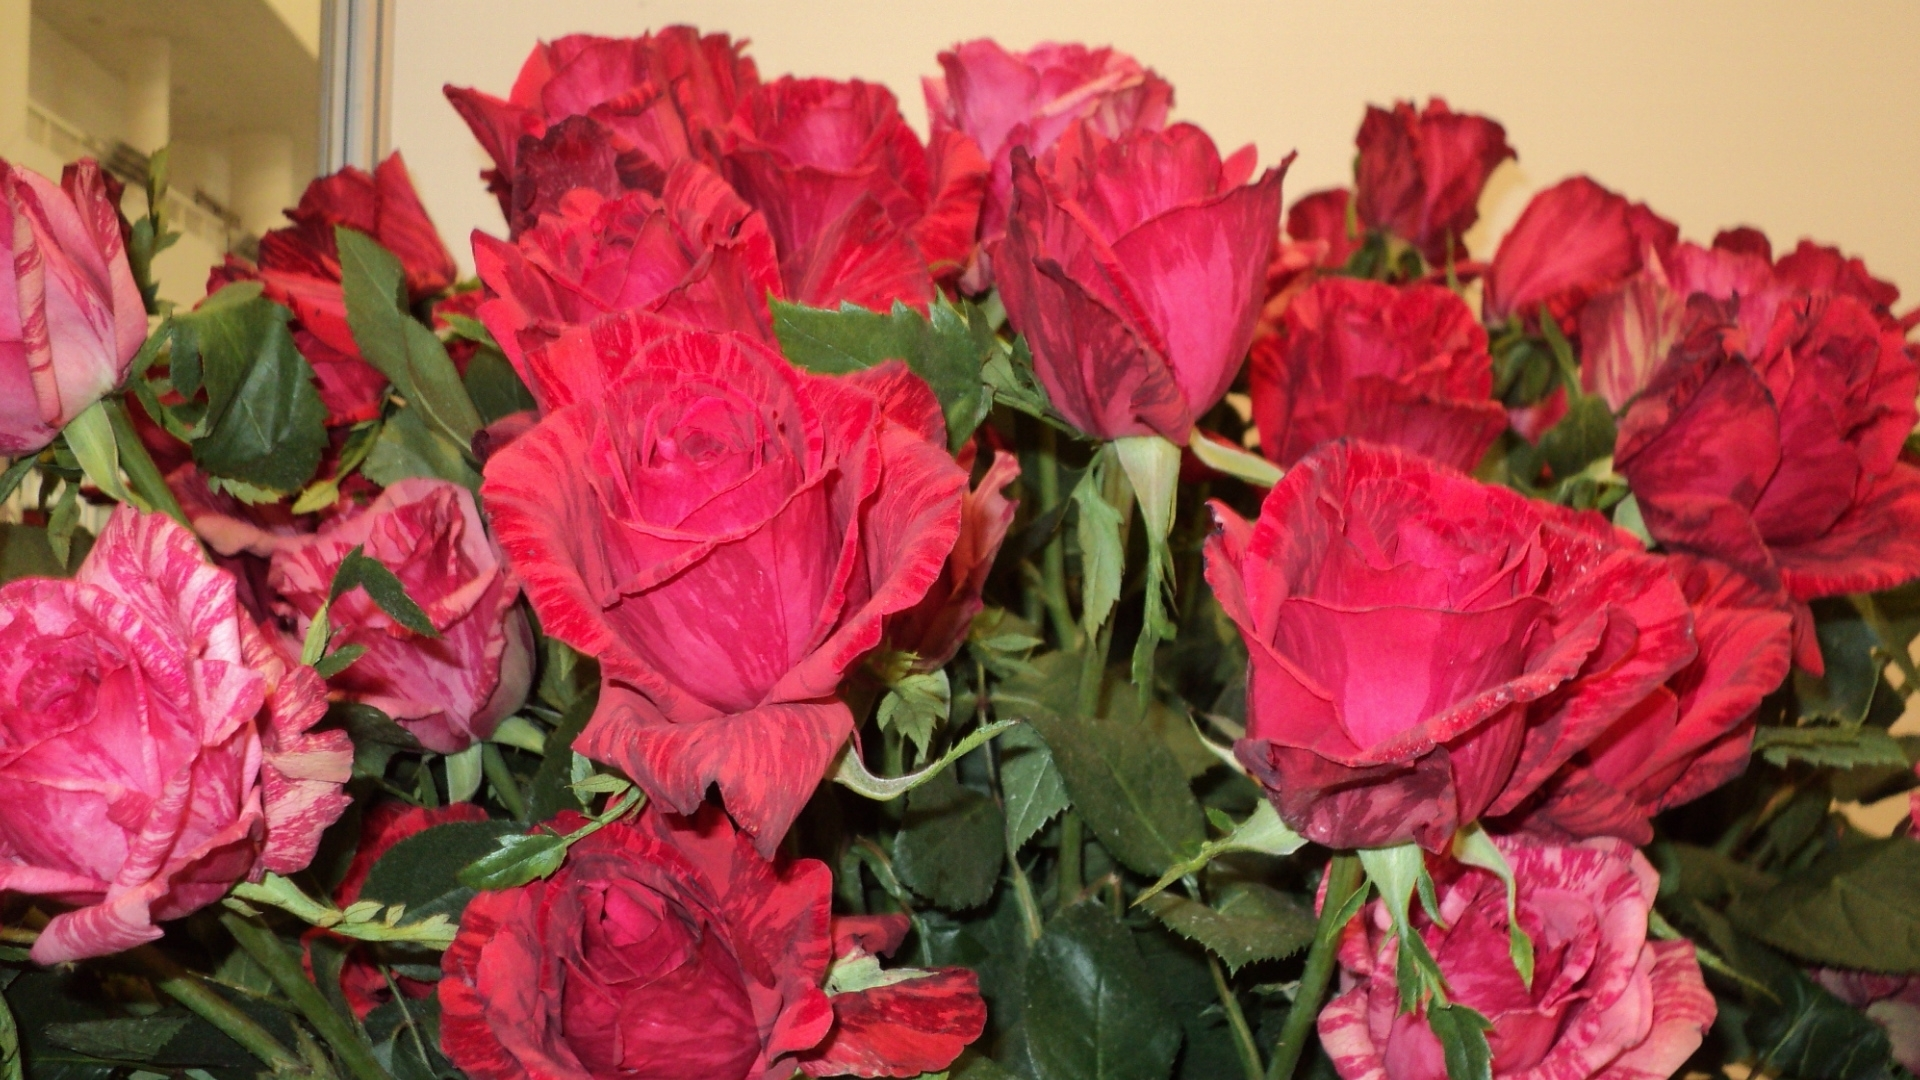 45909 скачать обои Растения, Цветы, Розы - заставки и картинки бесплатно